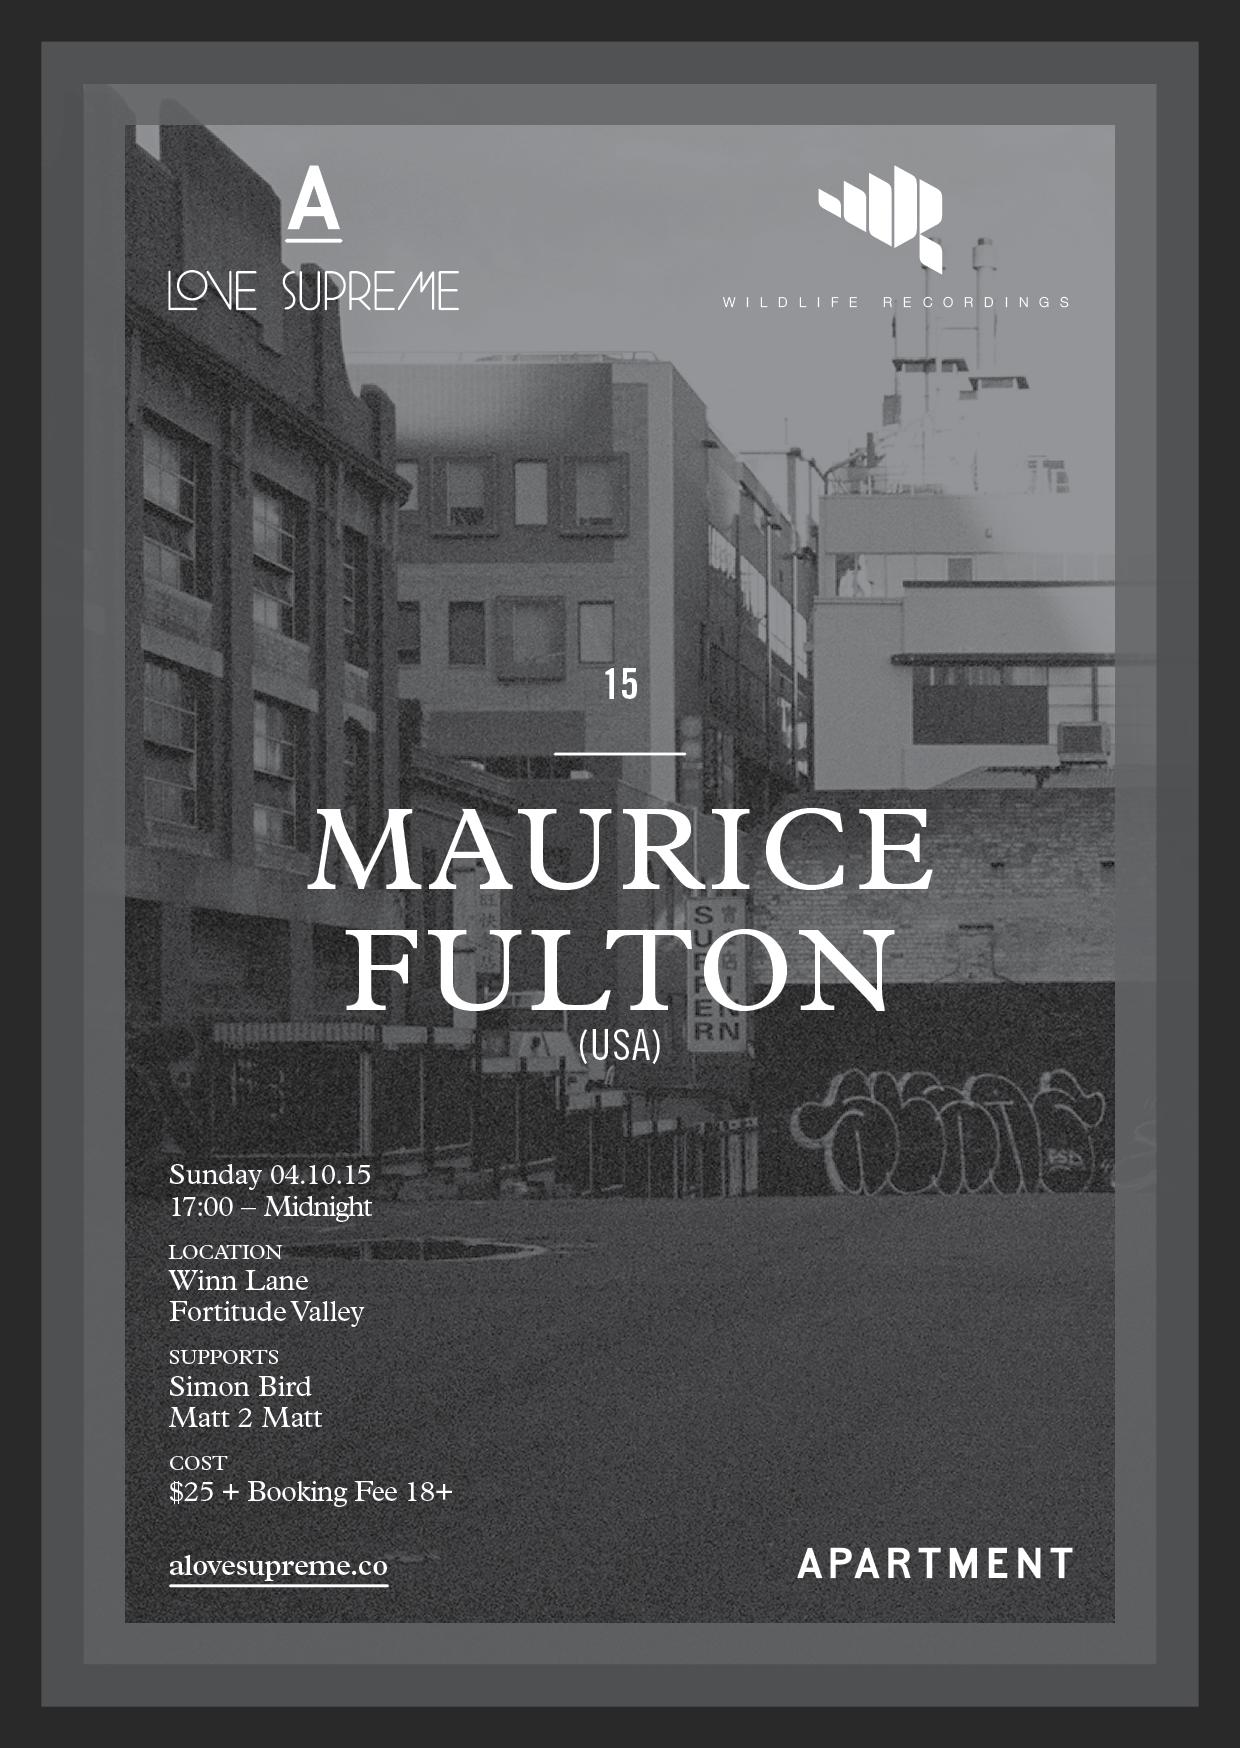 ALS-alovesupreme-15-maurice-fulton-postcard-press-.png